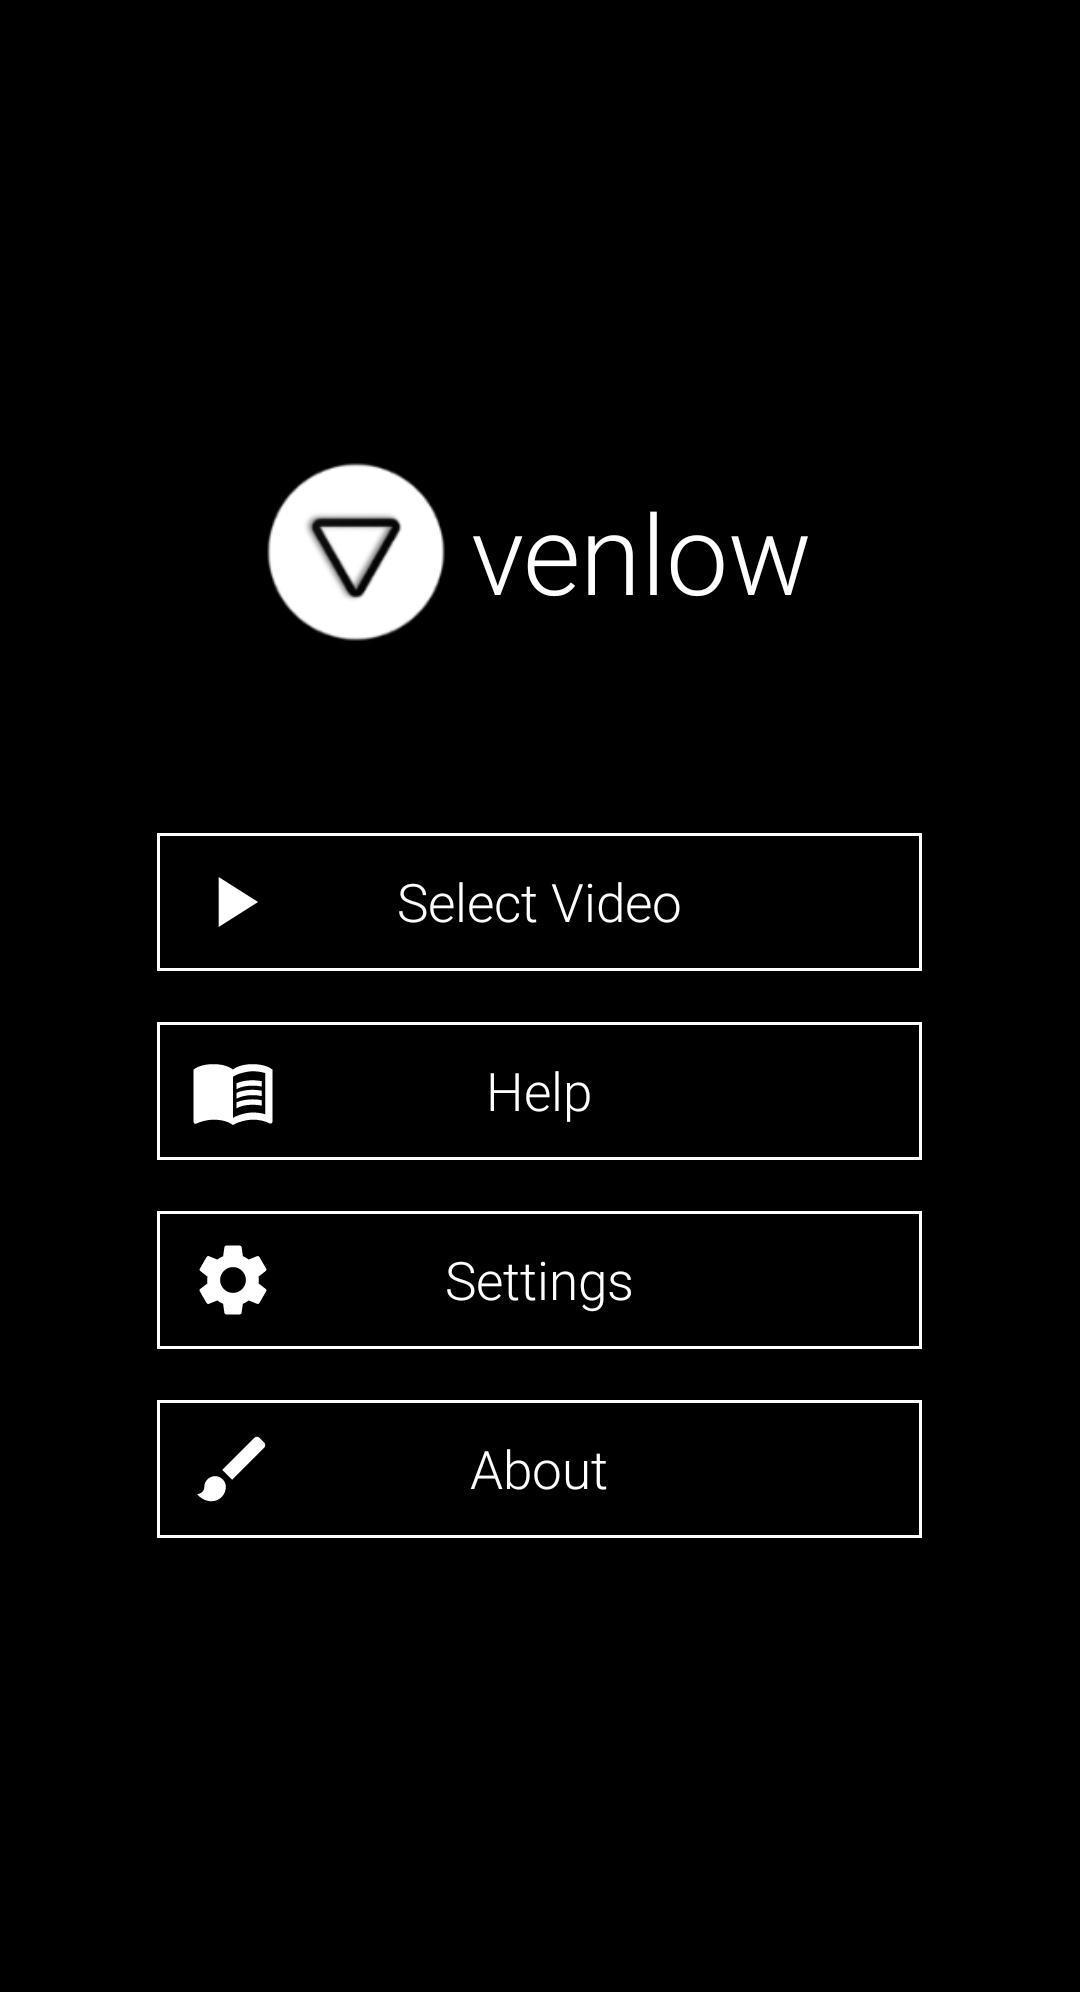 Perbedaan-Venlow-Mod-APK-dengan-aplikasi-original